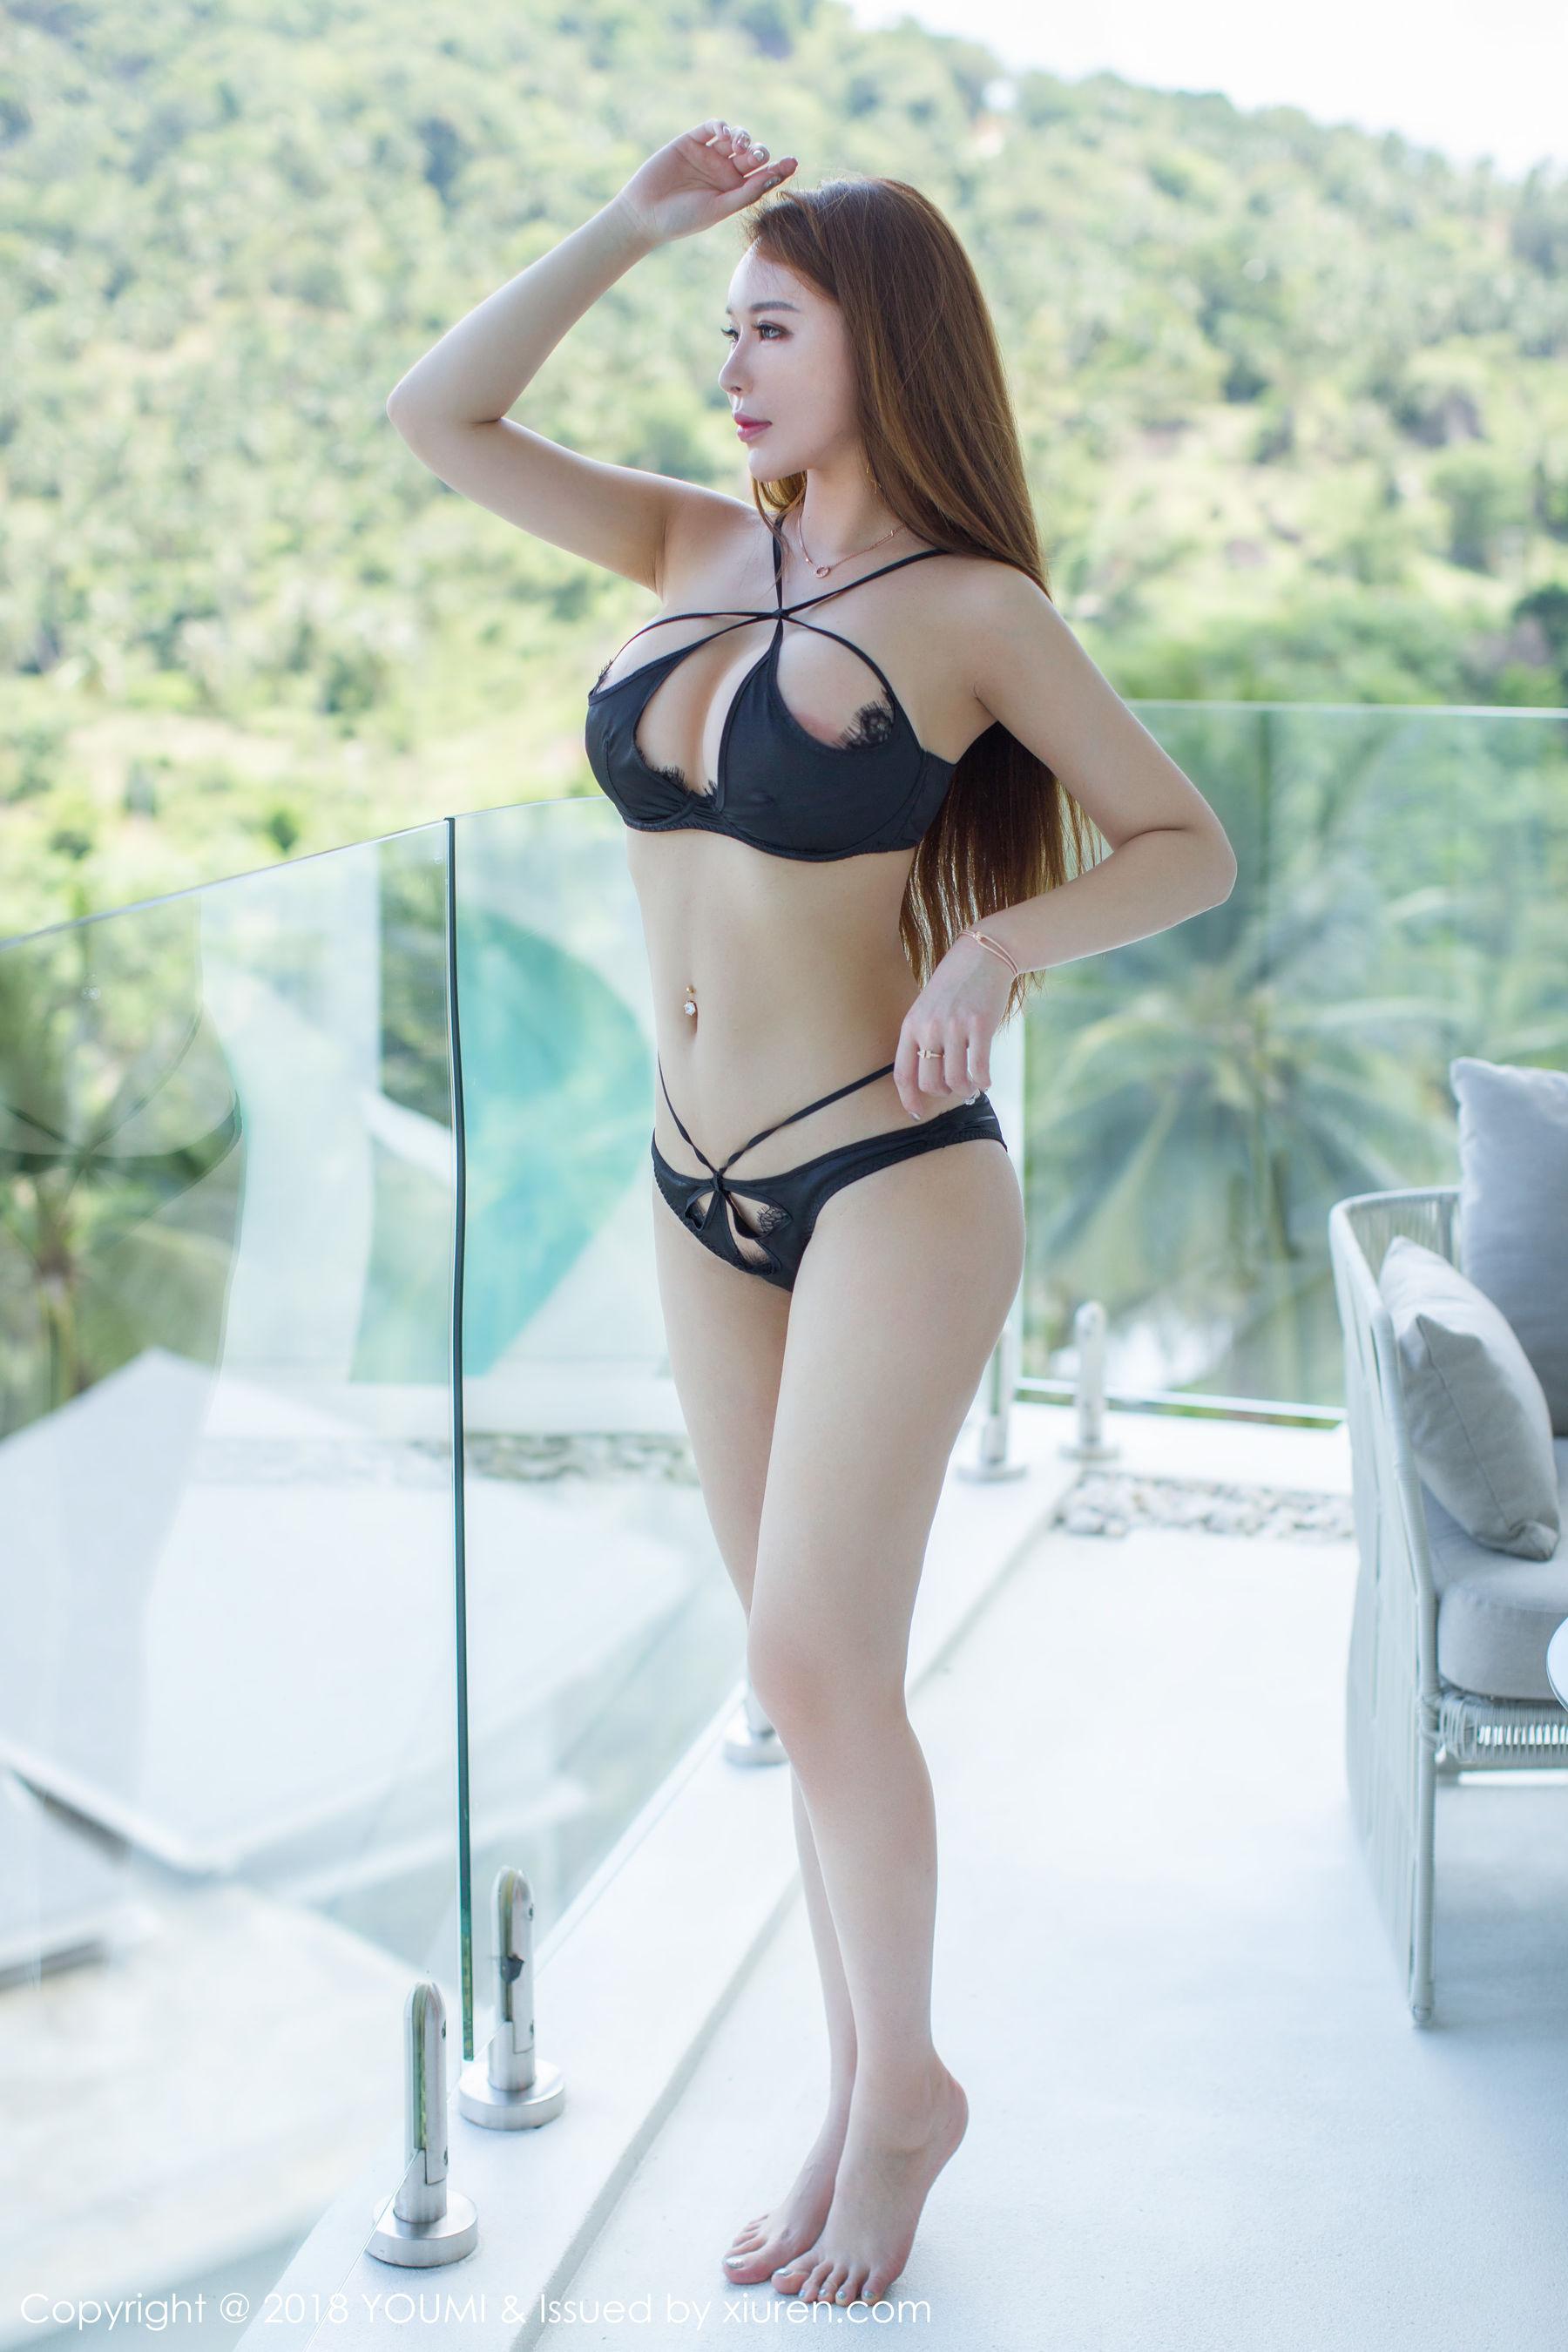 尤妮丝丰胸肥臀的蠢蠢欲动-第2张图片-哔哔娱乐网